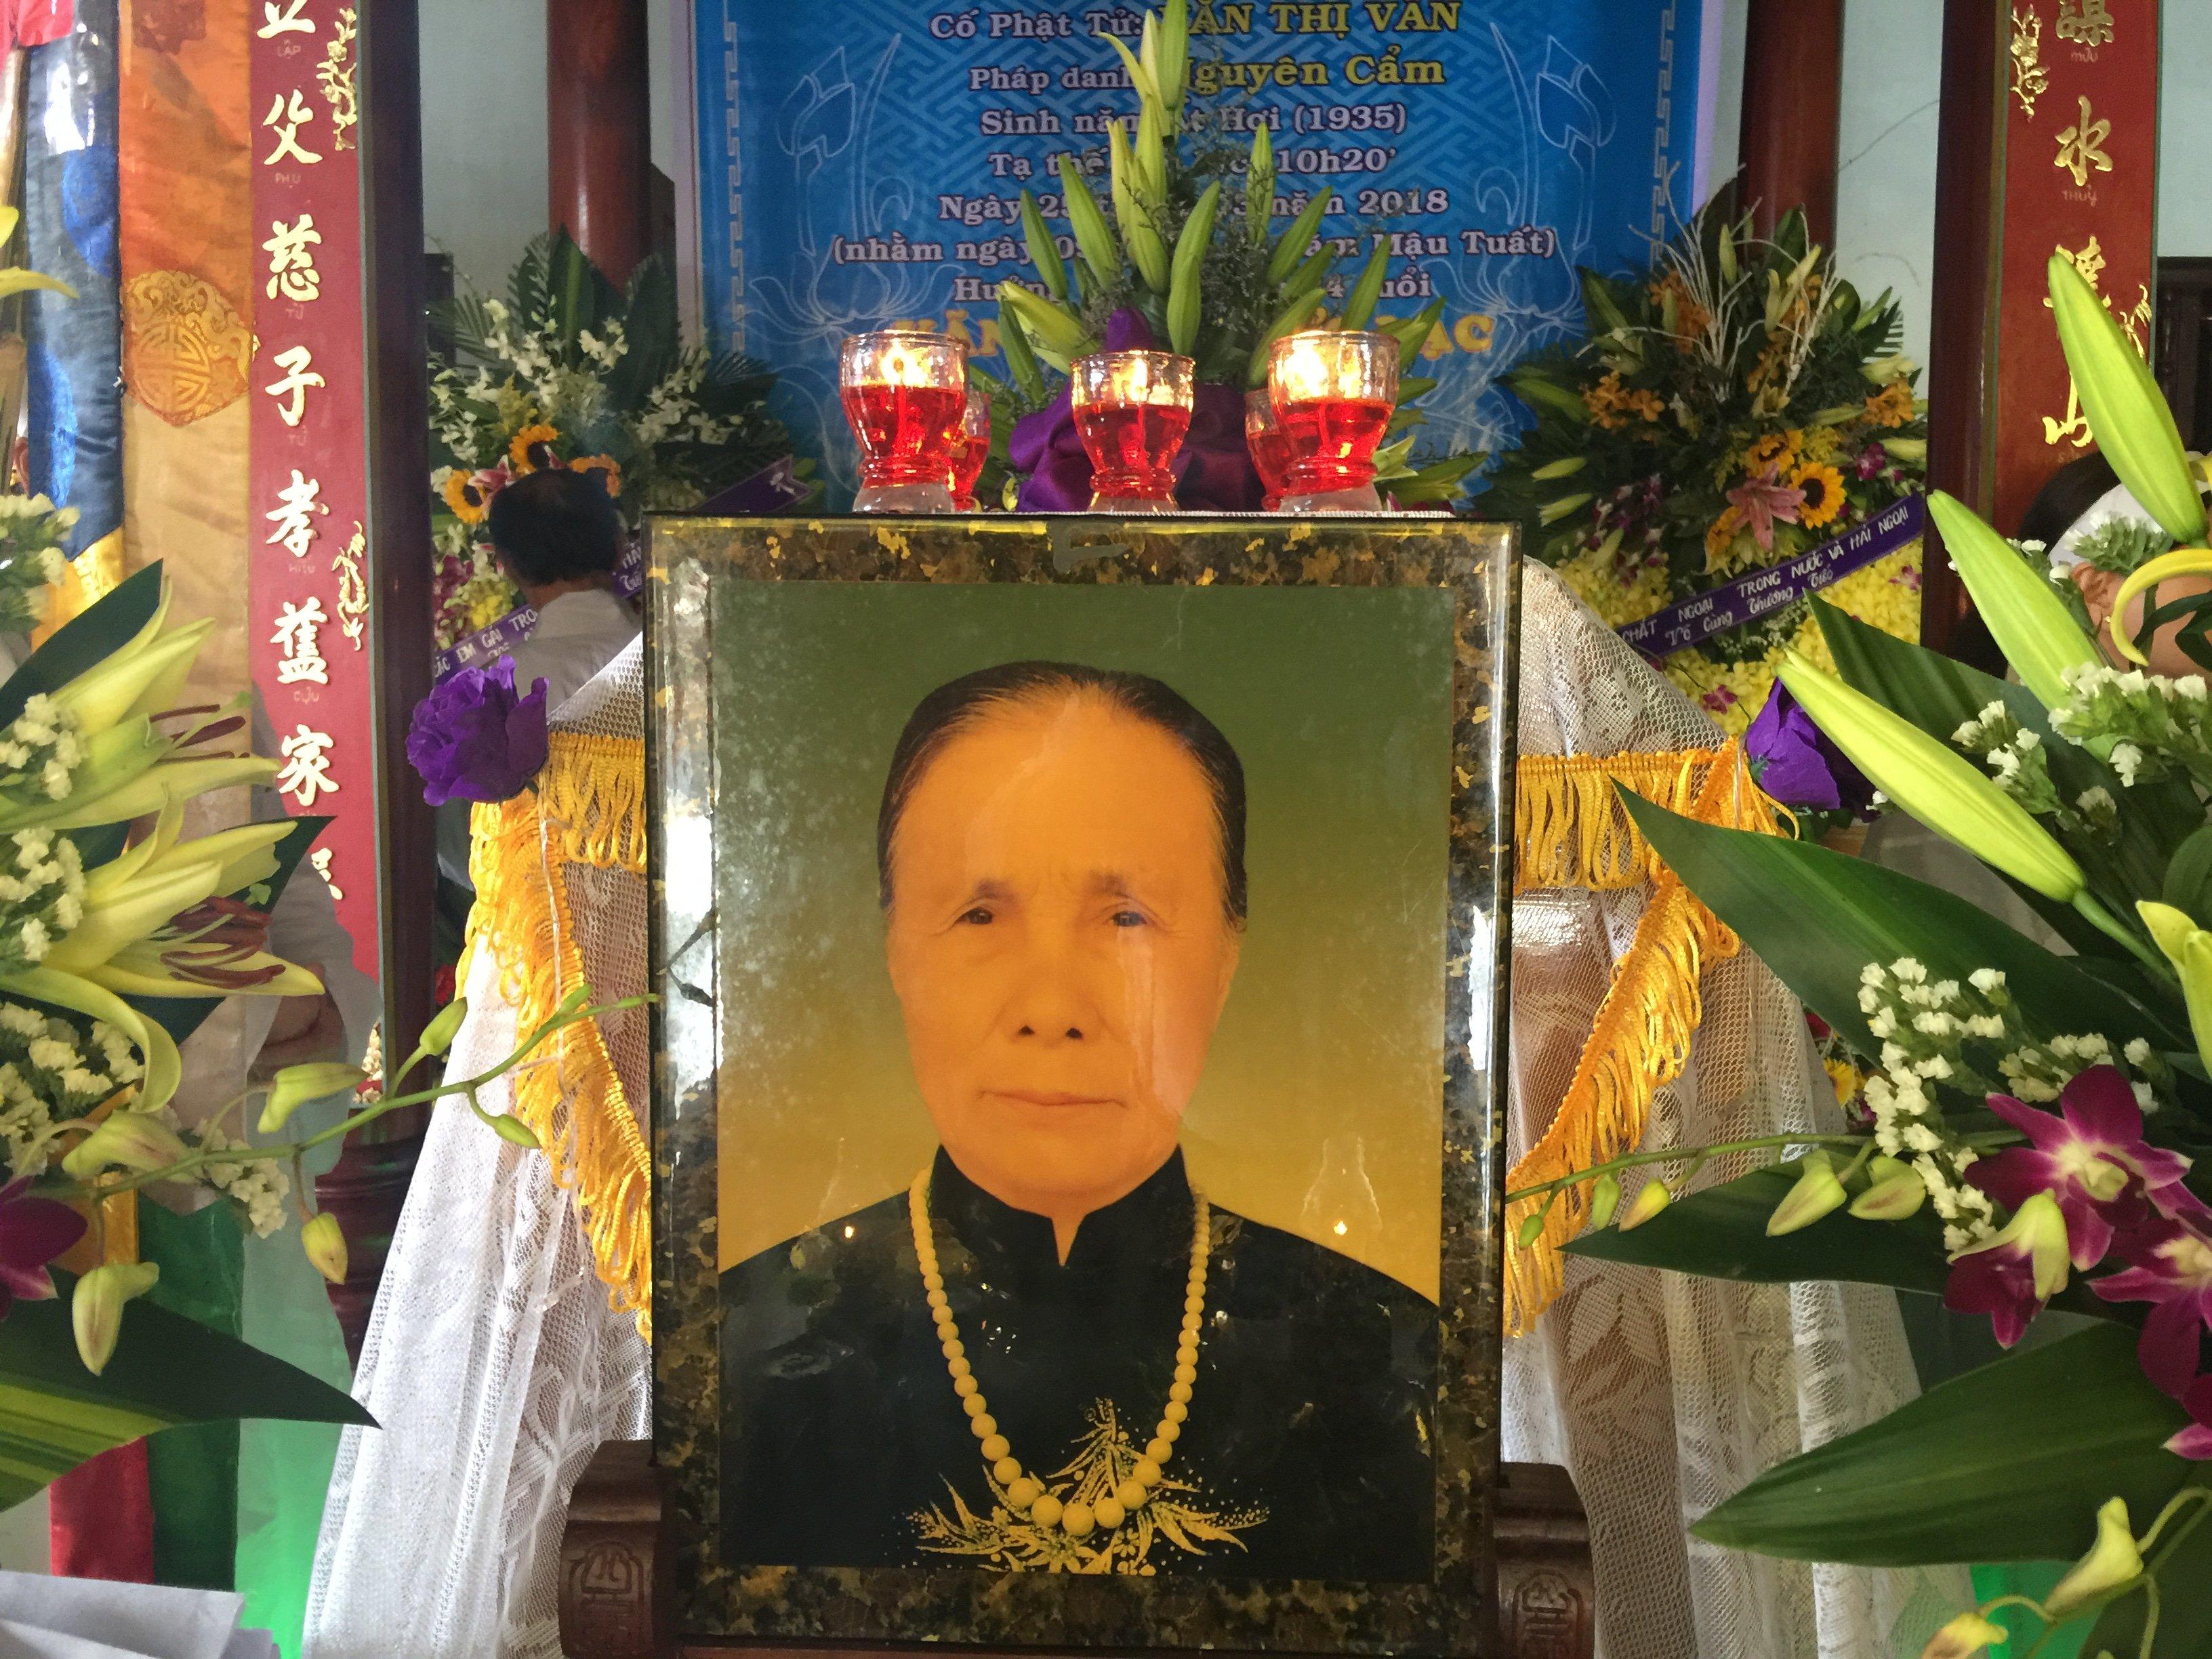 Mệ Văn Thị Vân qua đời